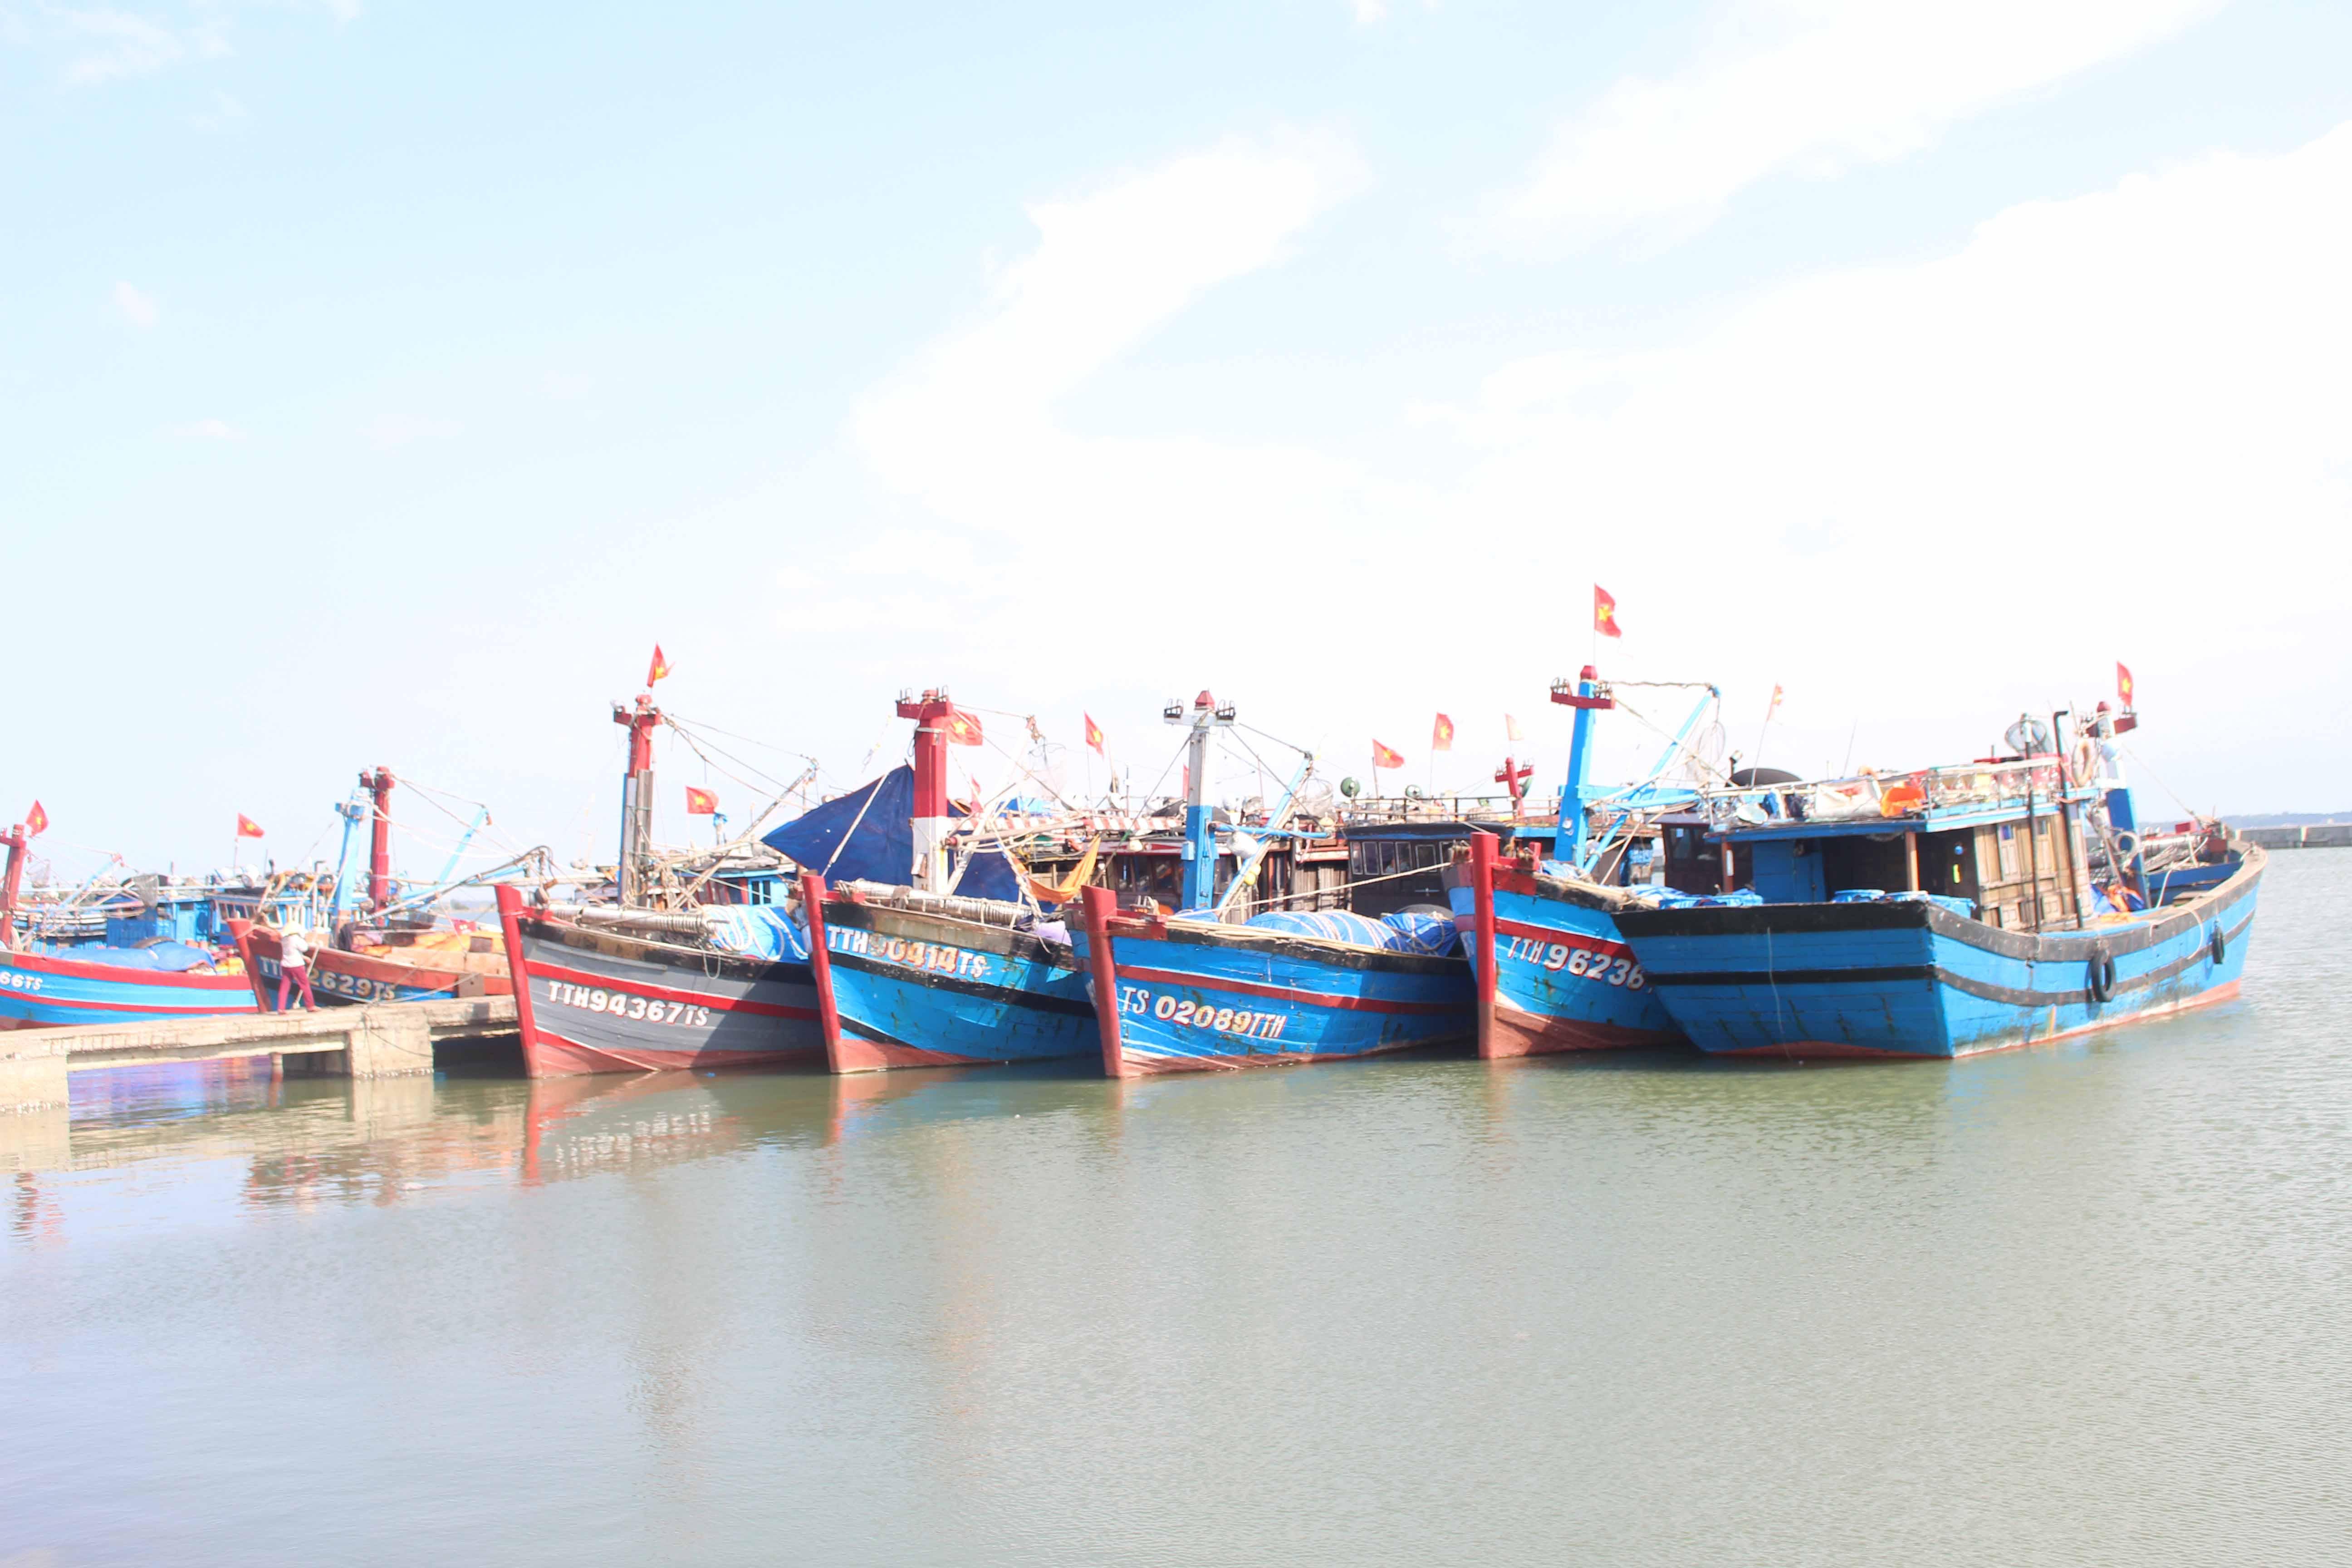 Các địa phương tích cực kêu gọi tàu thuyền vào nơi neo đậu an toàn.